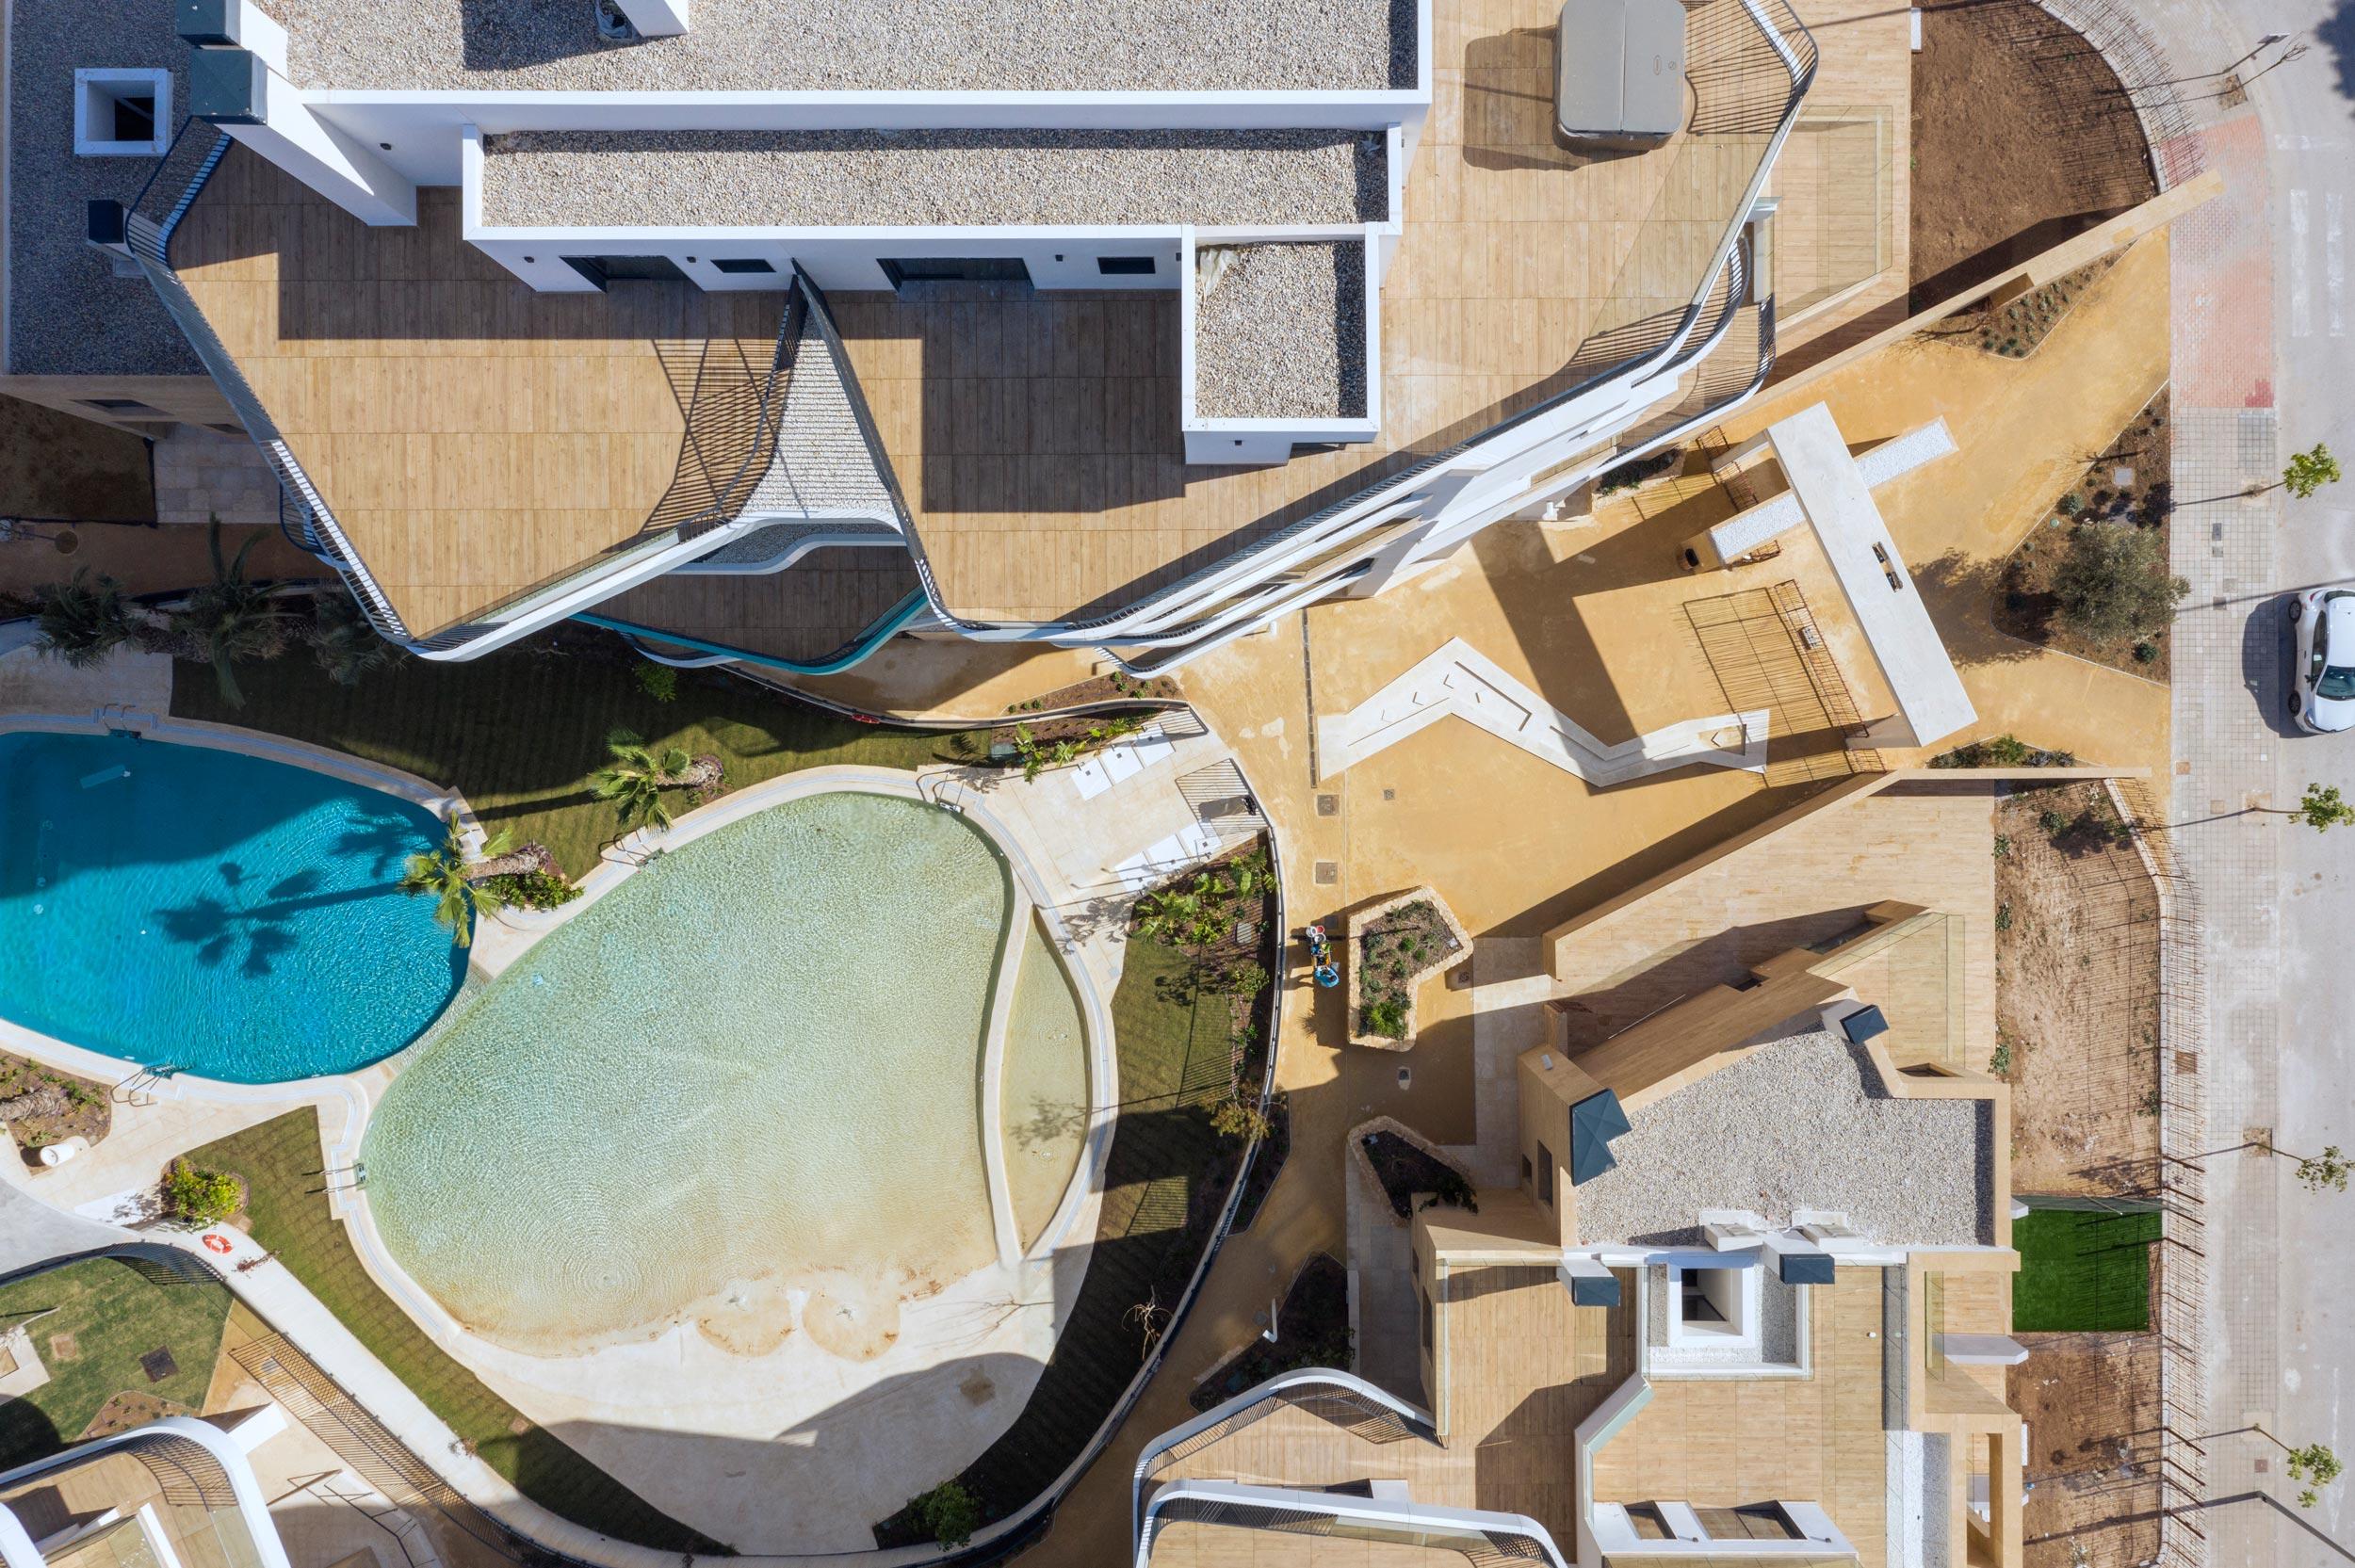 Vista aérea cenital desde dron de la piscina tipo playa y urbanización de Allonbay Village